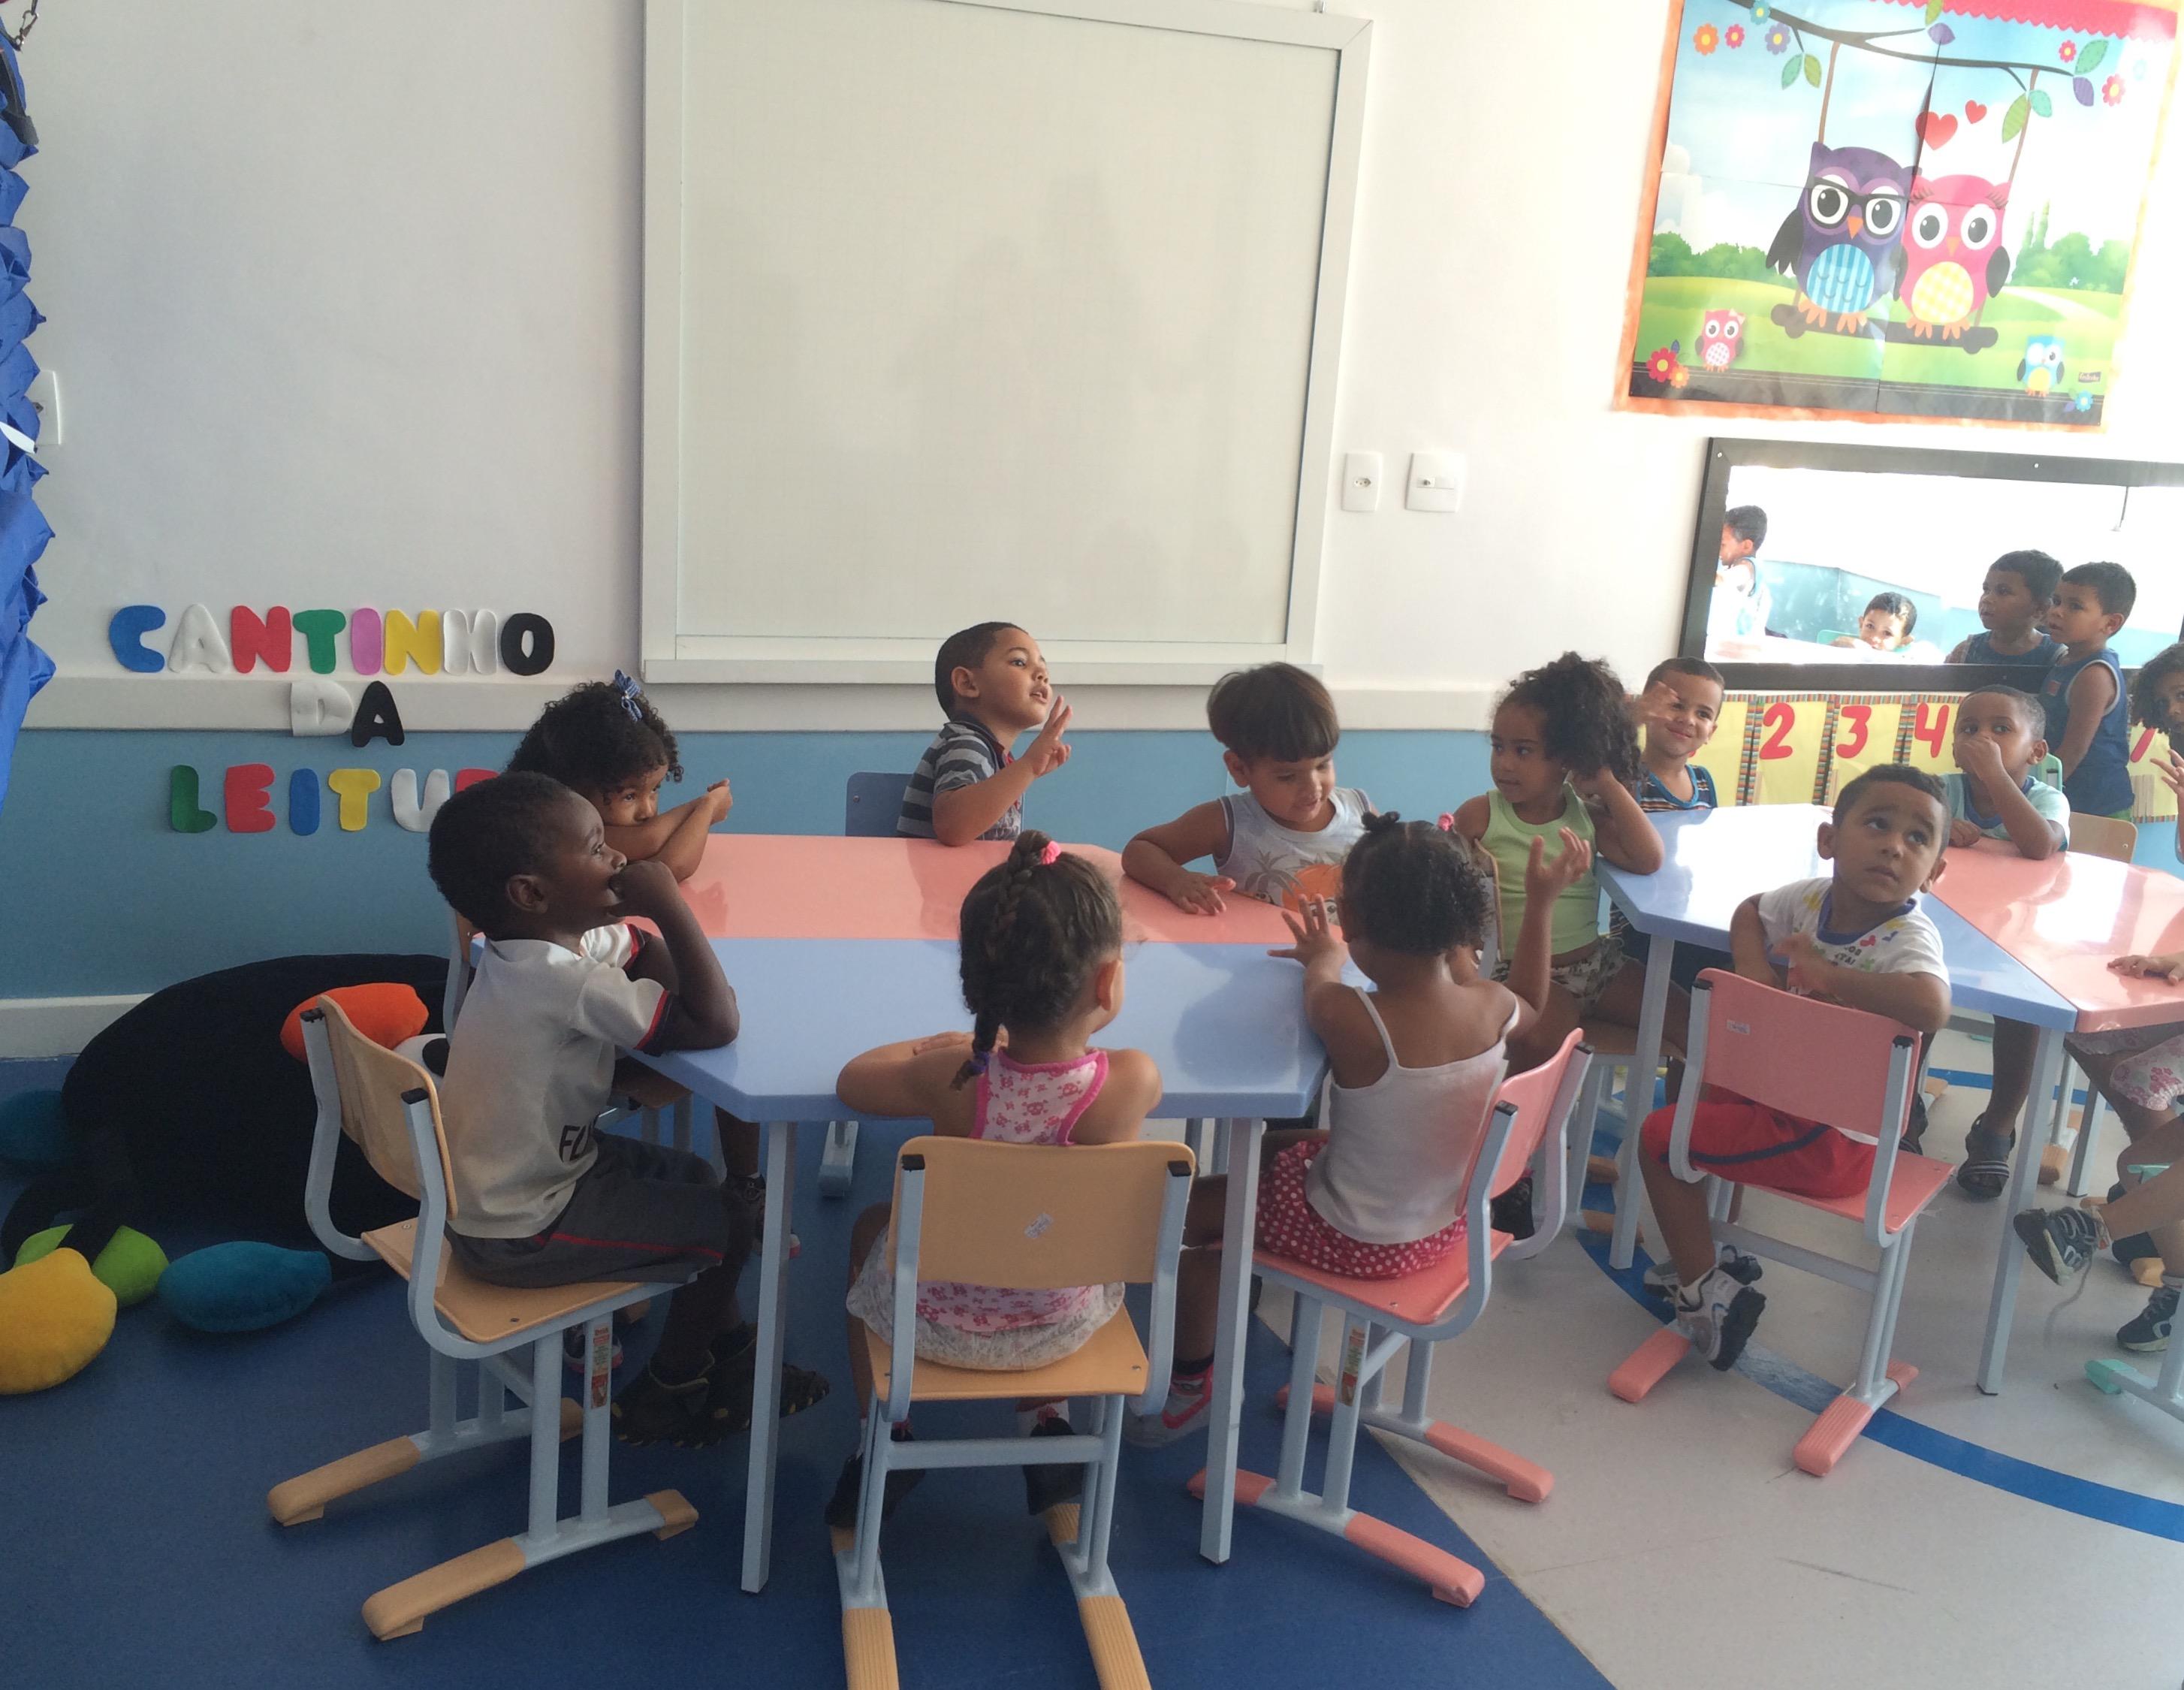 Inauguração da Creche Comunitária João Ferreira no Complexo do Alemão